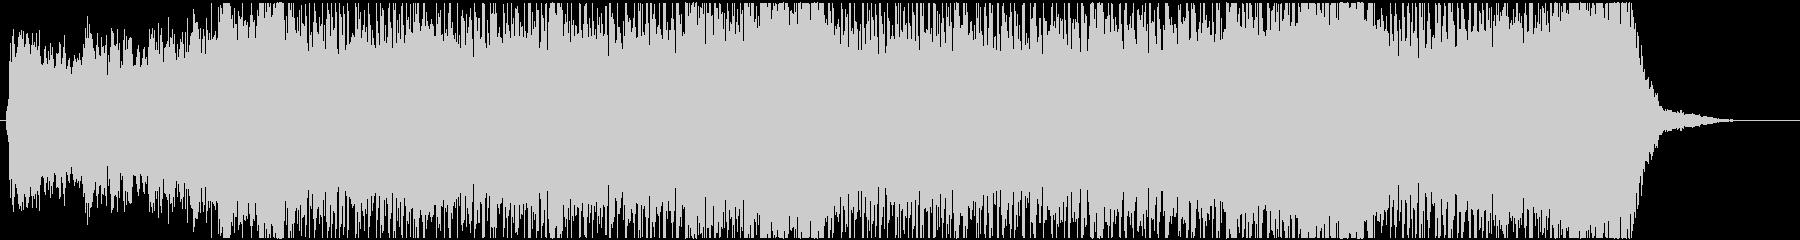 サスペンス系 不気味で激しい曲の未再生の波形